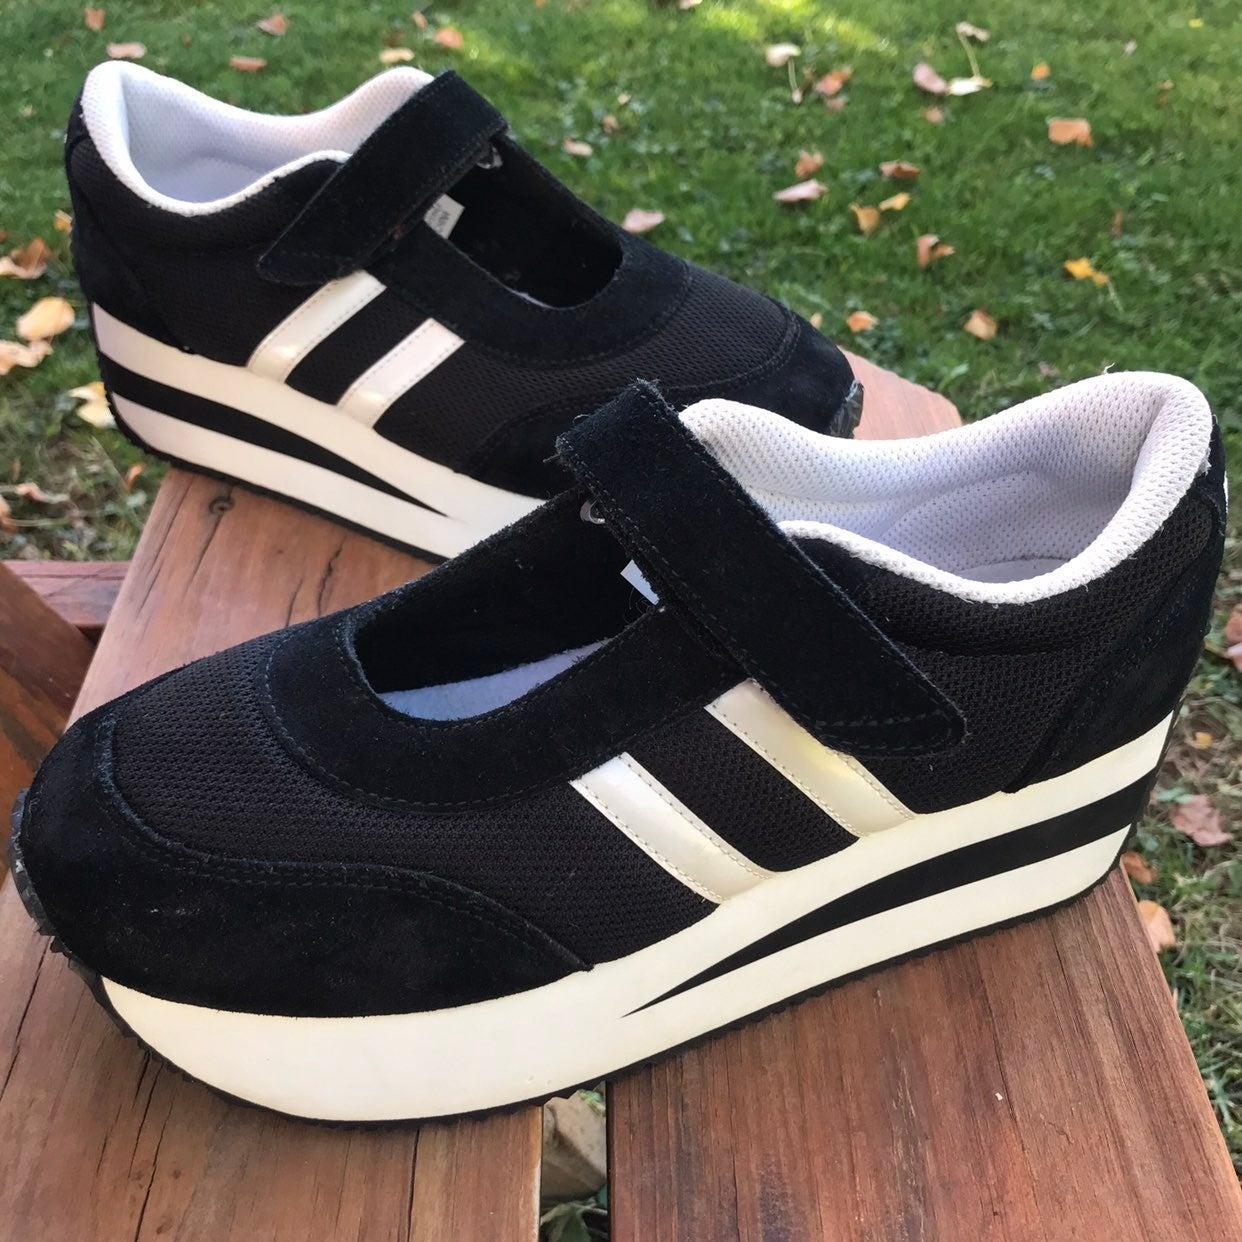 l.e.i. Platform Shoes | Mercari